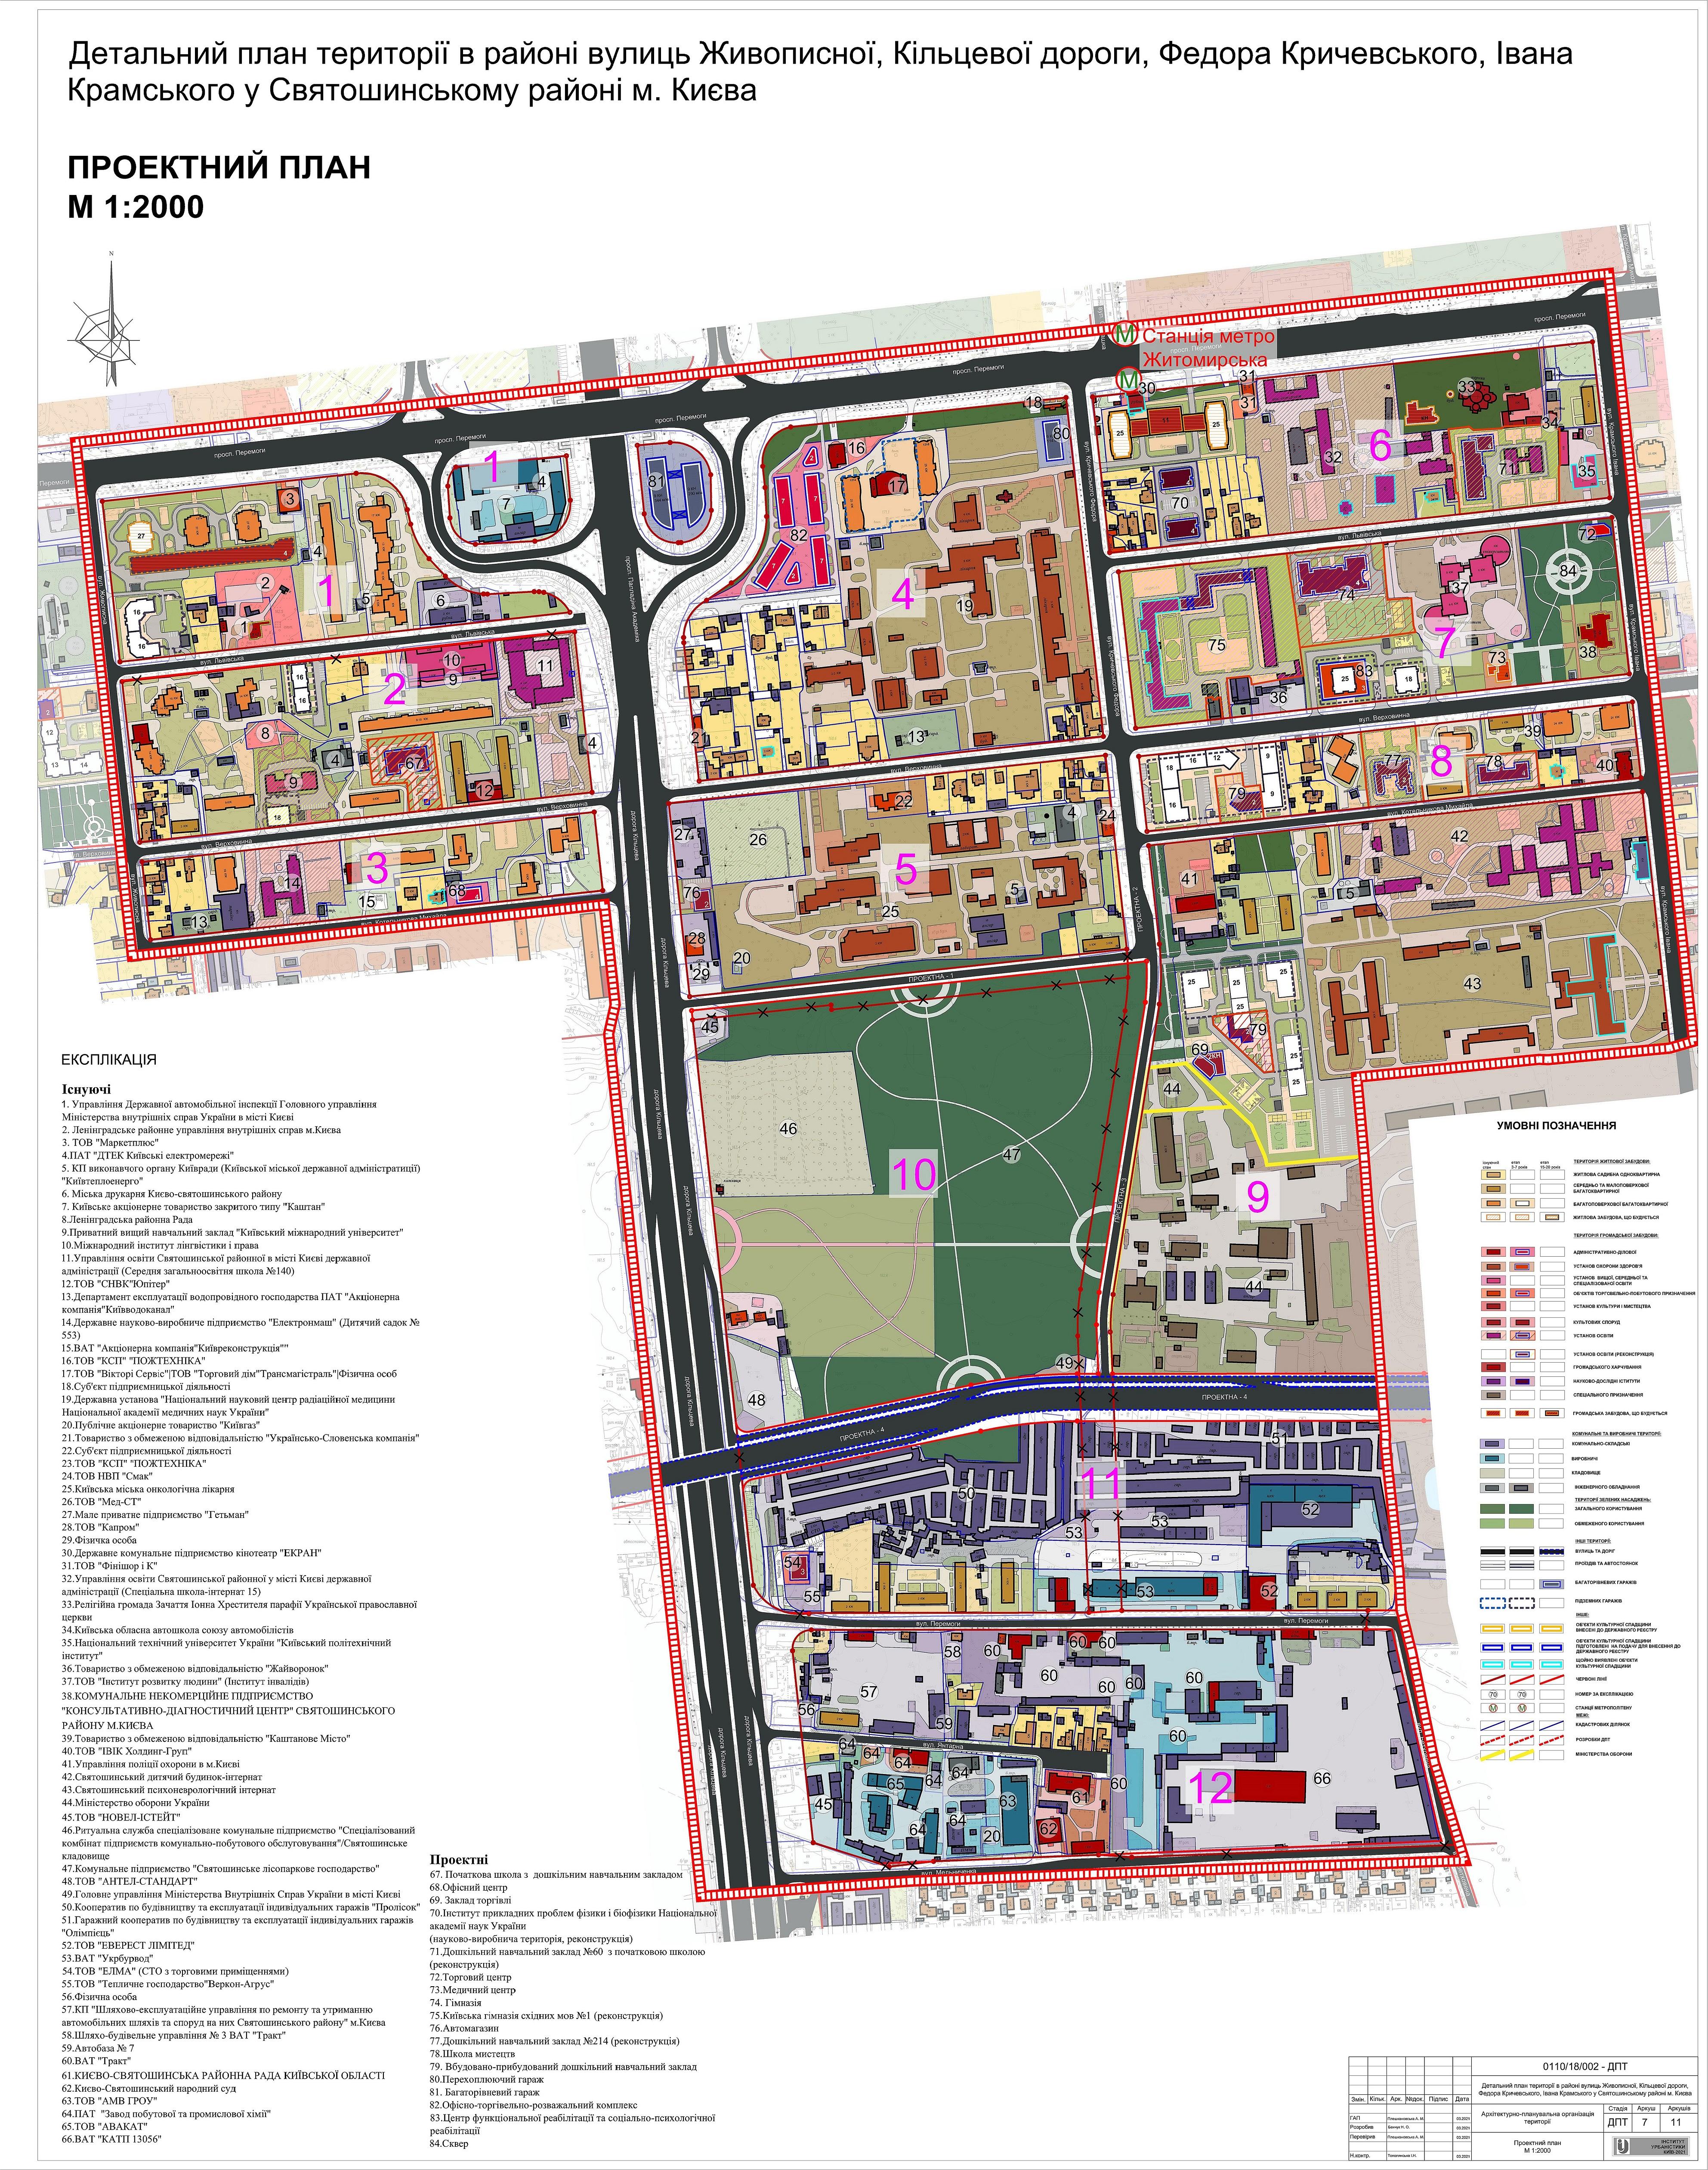 ДПТ микрорайон Святошино проектный план